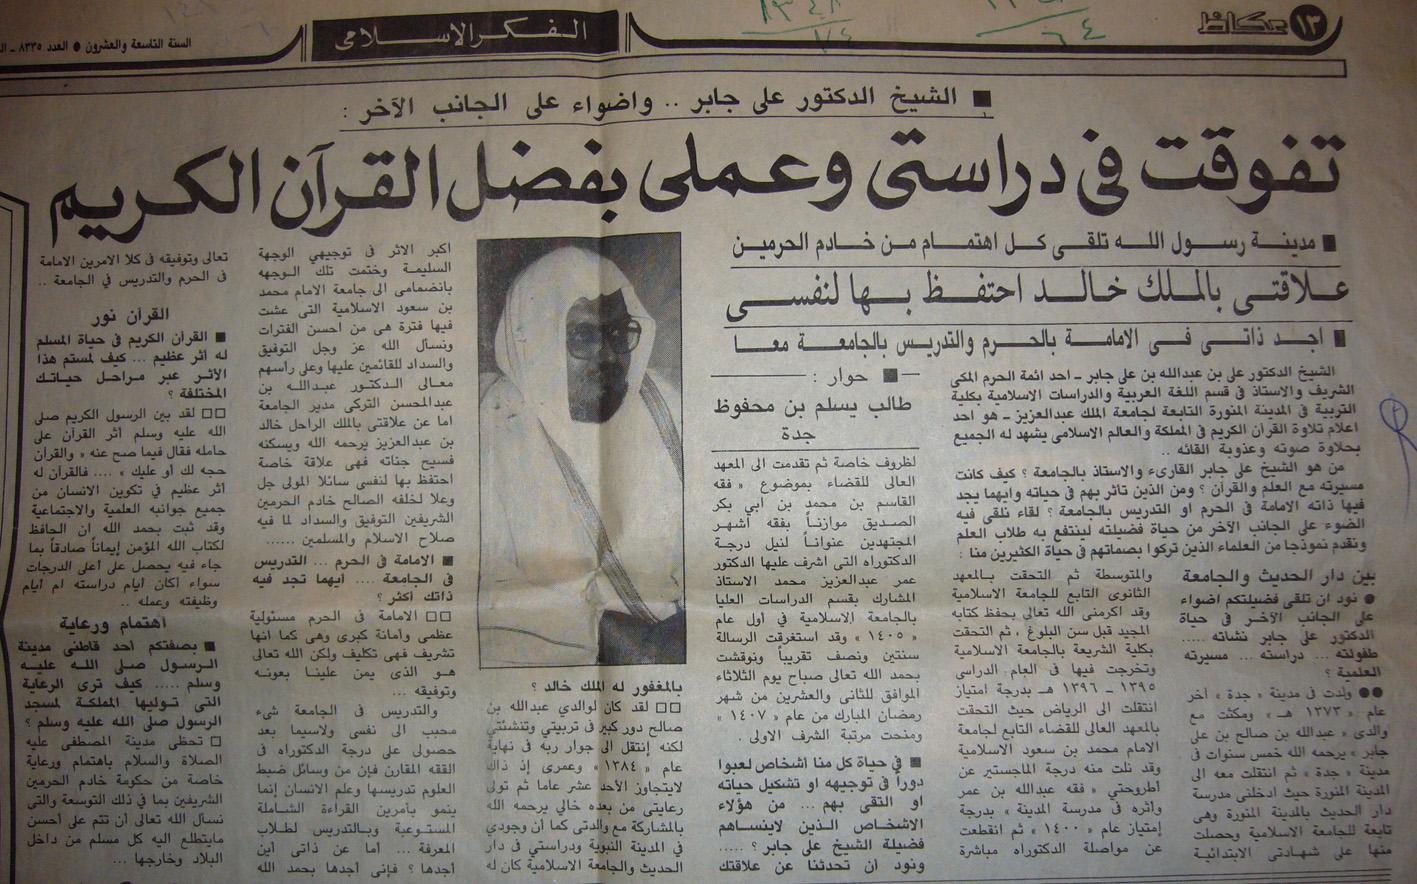 الشيخ الدكتور علي جابر .. وأضواء على الجانب الآخر، تفوقت في دراستي وعملي بفضل القرآن الكريم